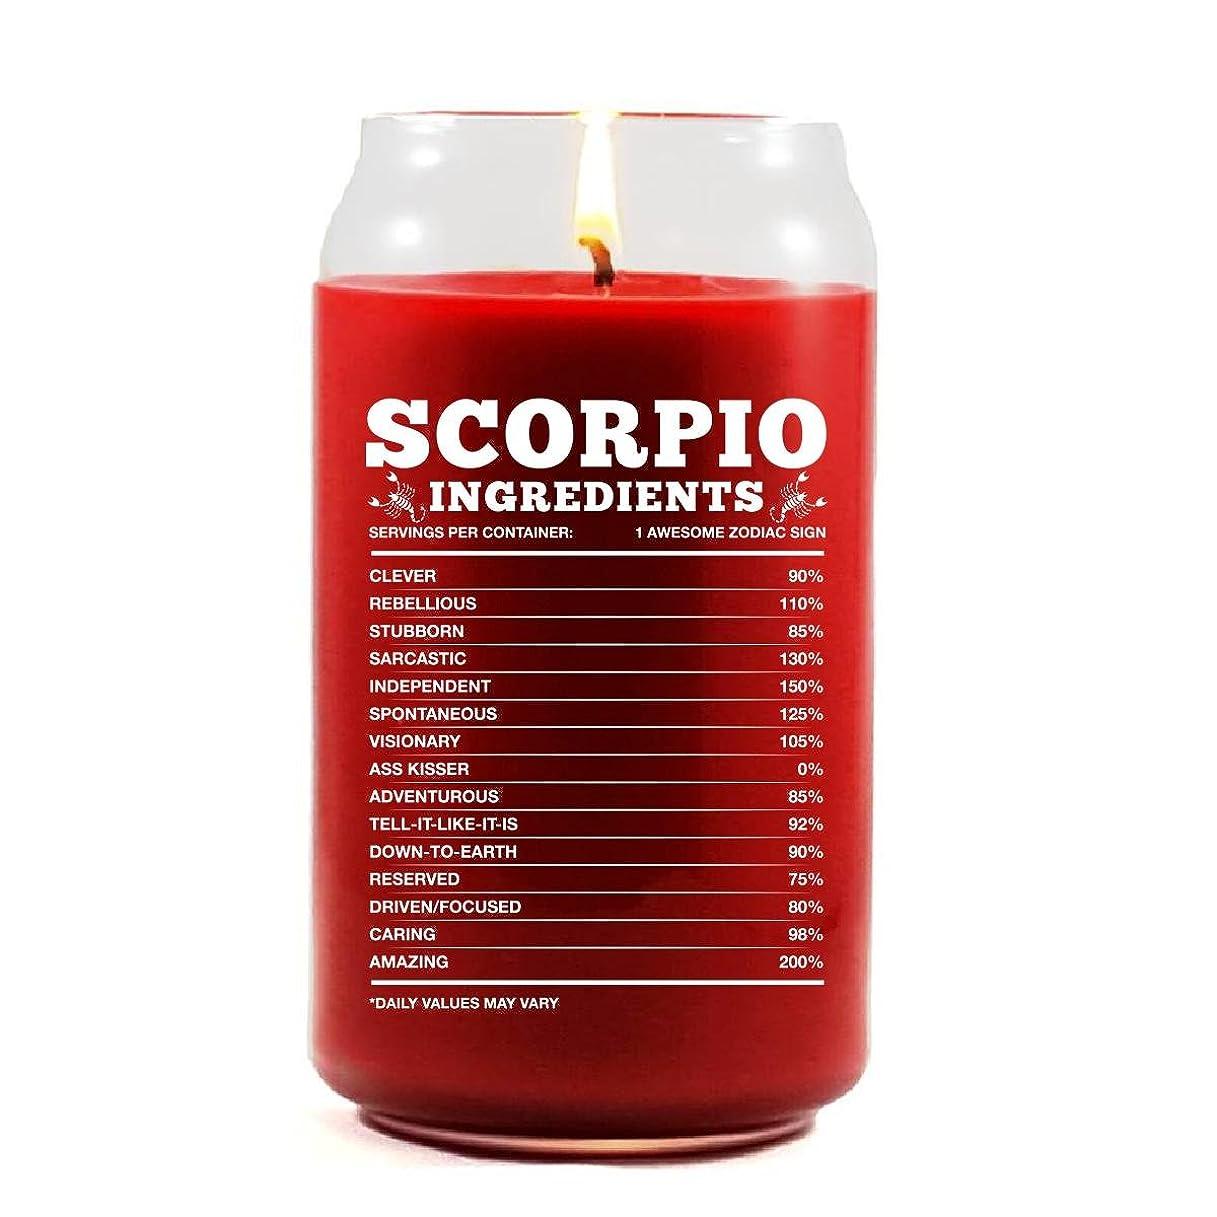 測定可能貴重な怠けたScorpio原料Scorpio Zodiac Star Signギフト?–?Scented candle 16 Oz レッド